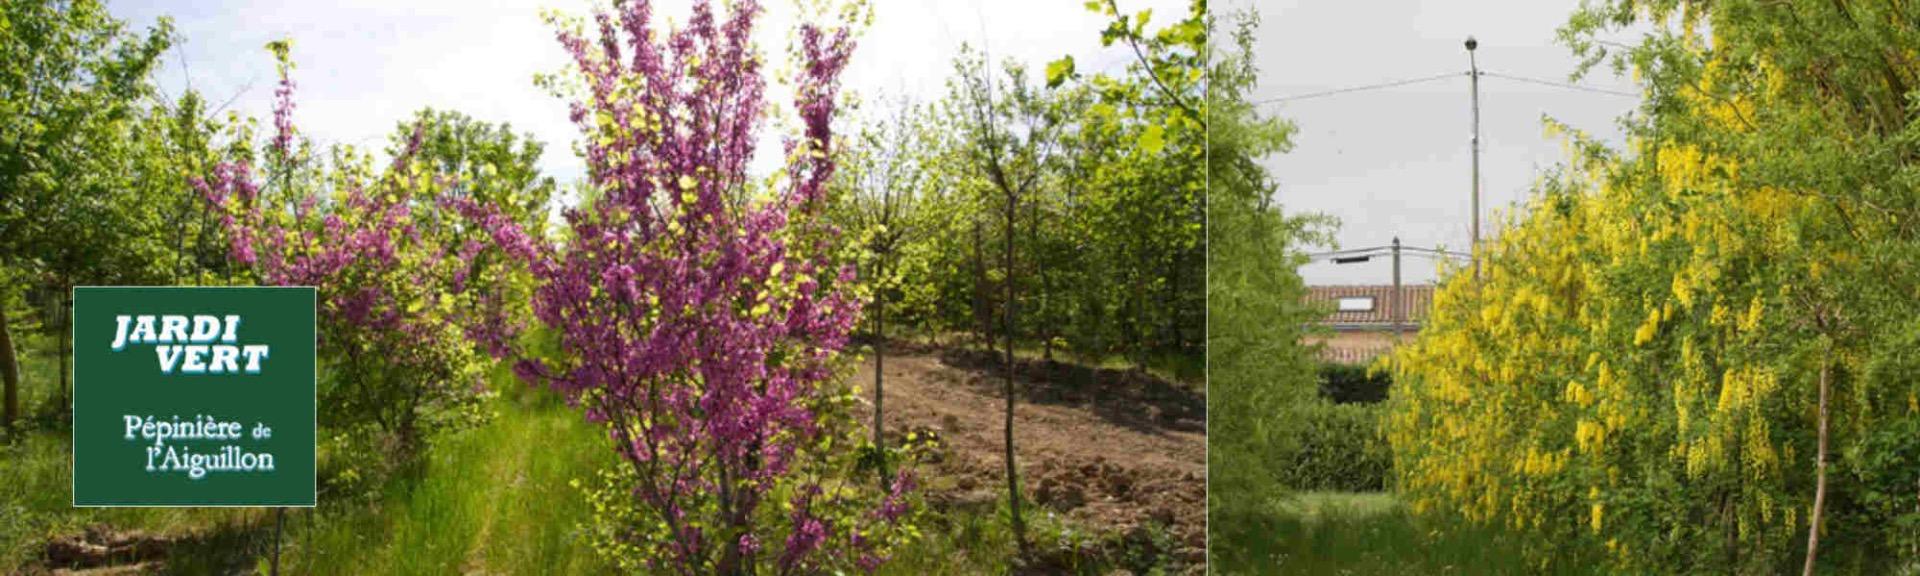 Vente d'arbres fleuris - Pépinière de l'Aiguillon producteur Toulouse